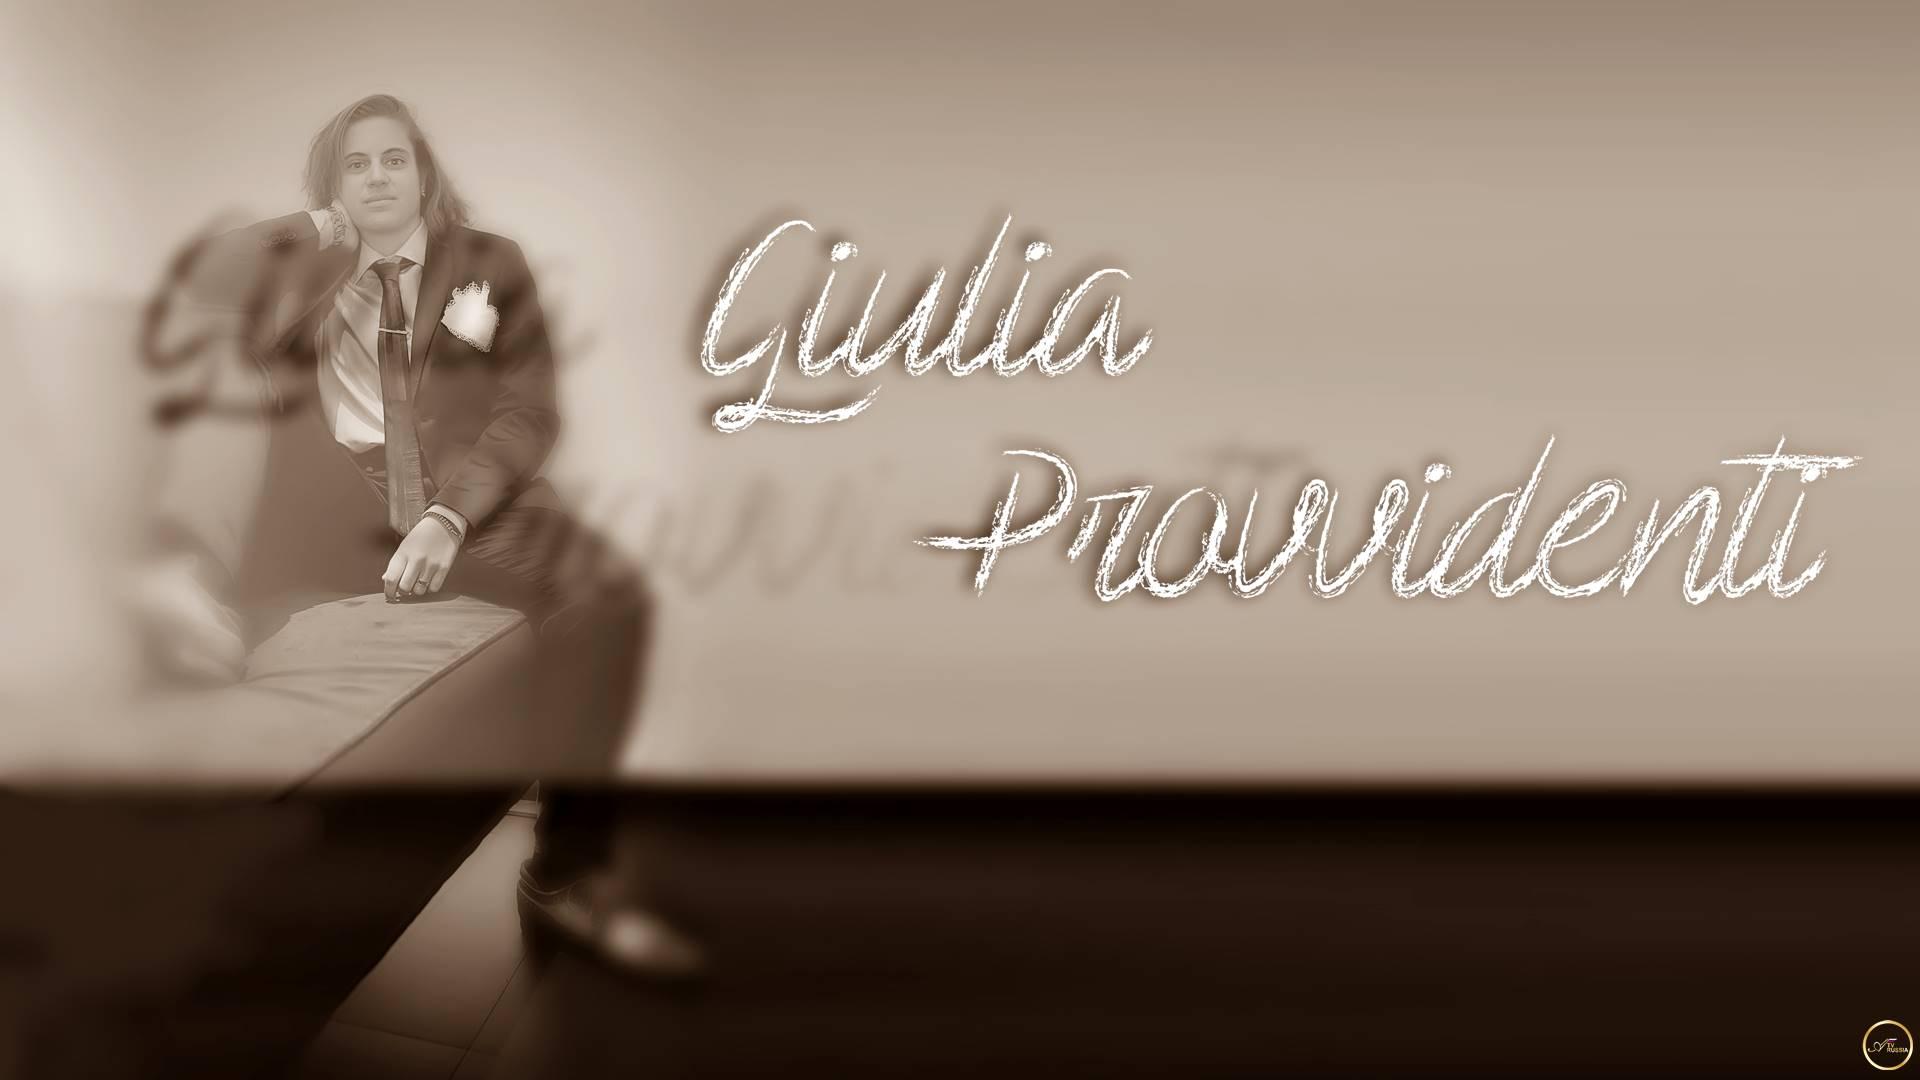 Giulia Provvidenti